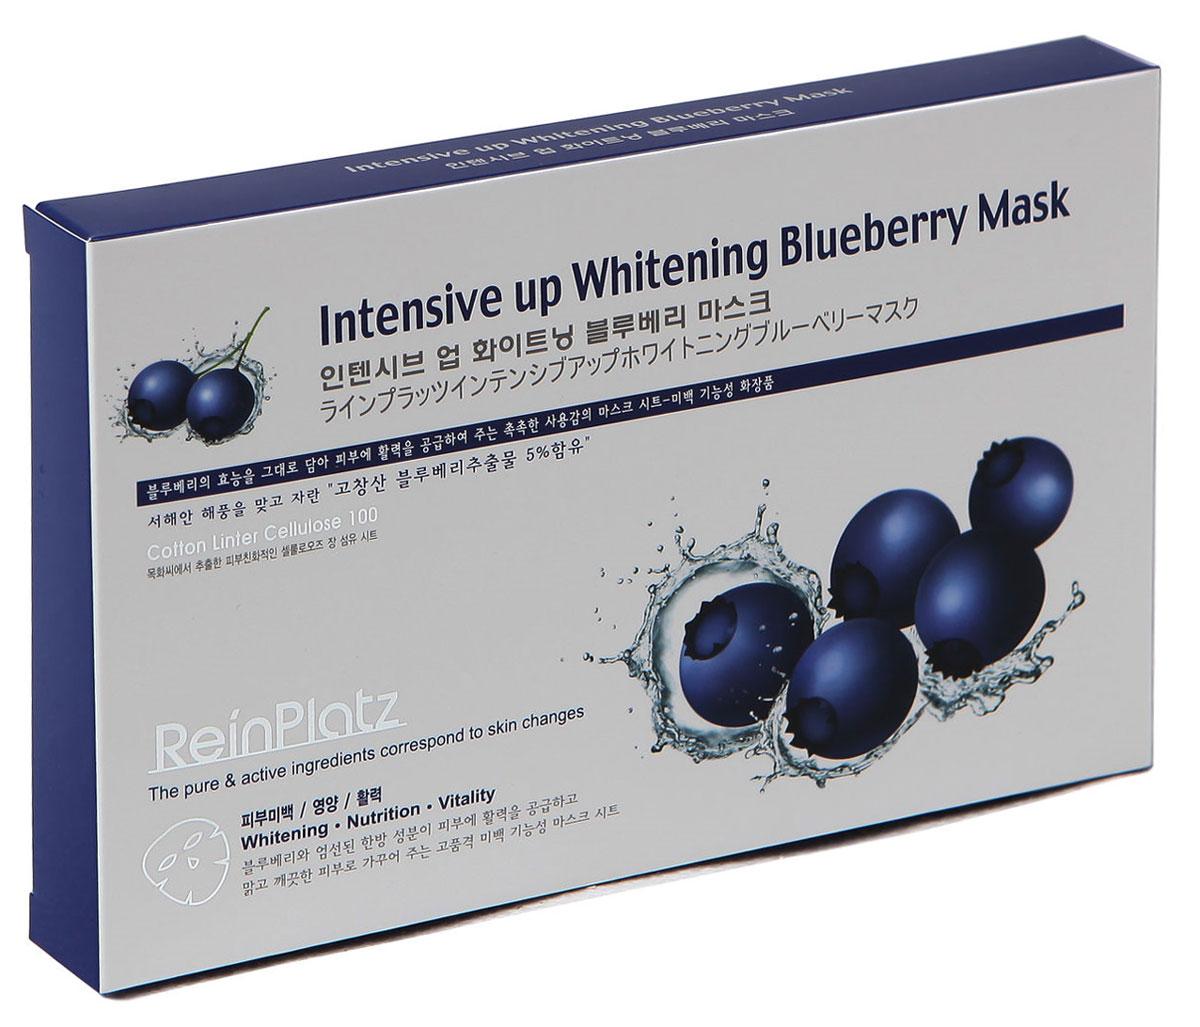 LS Cosmetic Маска для лица с экстрактом голубики, 25 гFS-00897Лицевая маска-салфетка с голубикой содержит Витамин В3 (ниацинамид), который обладает несколькими мощными эффектами - увеличение церамидов и свободных жирных кислот в коже – то есть восстанавливается нарушенная барьерная функция кожи и уменьшается потеря влаги. Таким образом ниацинамид предохраняет кожу от обезвоживания и стимулирует микроциркуляцию в дерме. Он также может выравнивать неровный тон кожи, смягчать проявление акне и убирать красные следы пост-акне (известные как пост-противовоспалительная гиперпигментация кожи). Ниацинамид особенно подходит для тех, кто борется с морщинами и акне. Маска содержит Витамин С (натрия аскорбилфосфат), который помогает осветлить и очистить лицо (антиокислительное действие, стимуляция синтеза коллагена в дермальном слое, уменьшение гиперпигментации и осветление кожи), а так же Витамин Е (токоферолацетат), который укрепляет и защищает кожу и держит ее здоровой. Флавониды (витамин Р) укрепляют стенки сосудов, нормализуют кровообращение и обладают мощным антиоксидантным действием. Маска отлично увлажняет кожу, удаляет шероховатости на поверхности лица и успокаивает. Делает лицо здоровым, упругим и чистым. Подходит для любого типа кожи. Ваша кожа всегда выглядит молодо!